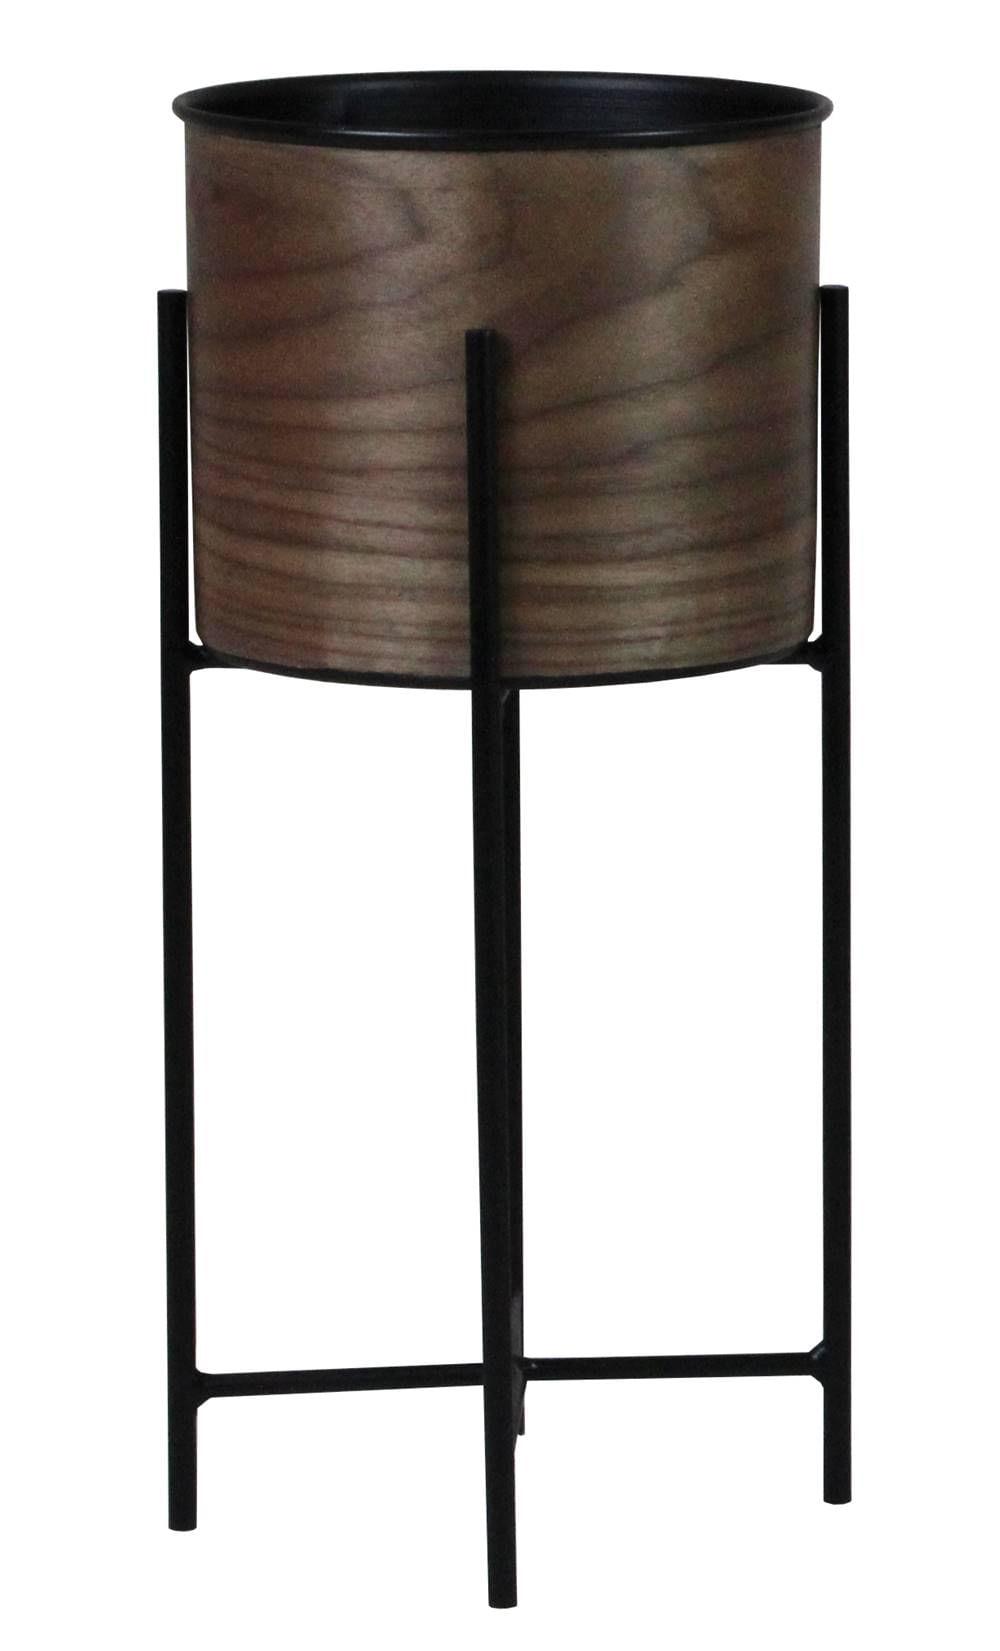 Cachepot Popis Baixo Laminado Nogueira com Base Aco 48 cm (ALT) - 43522